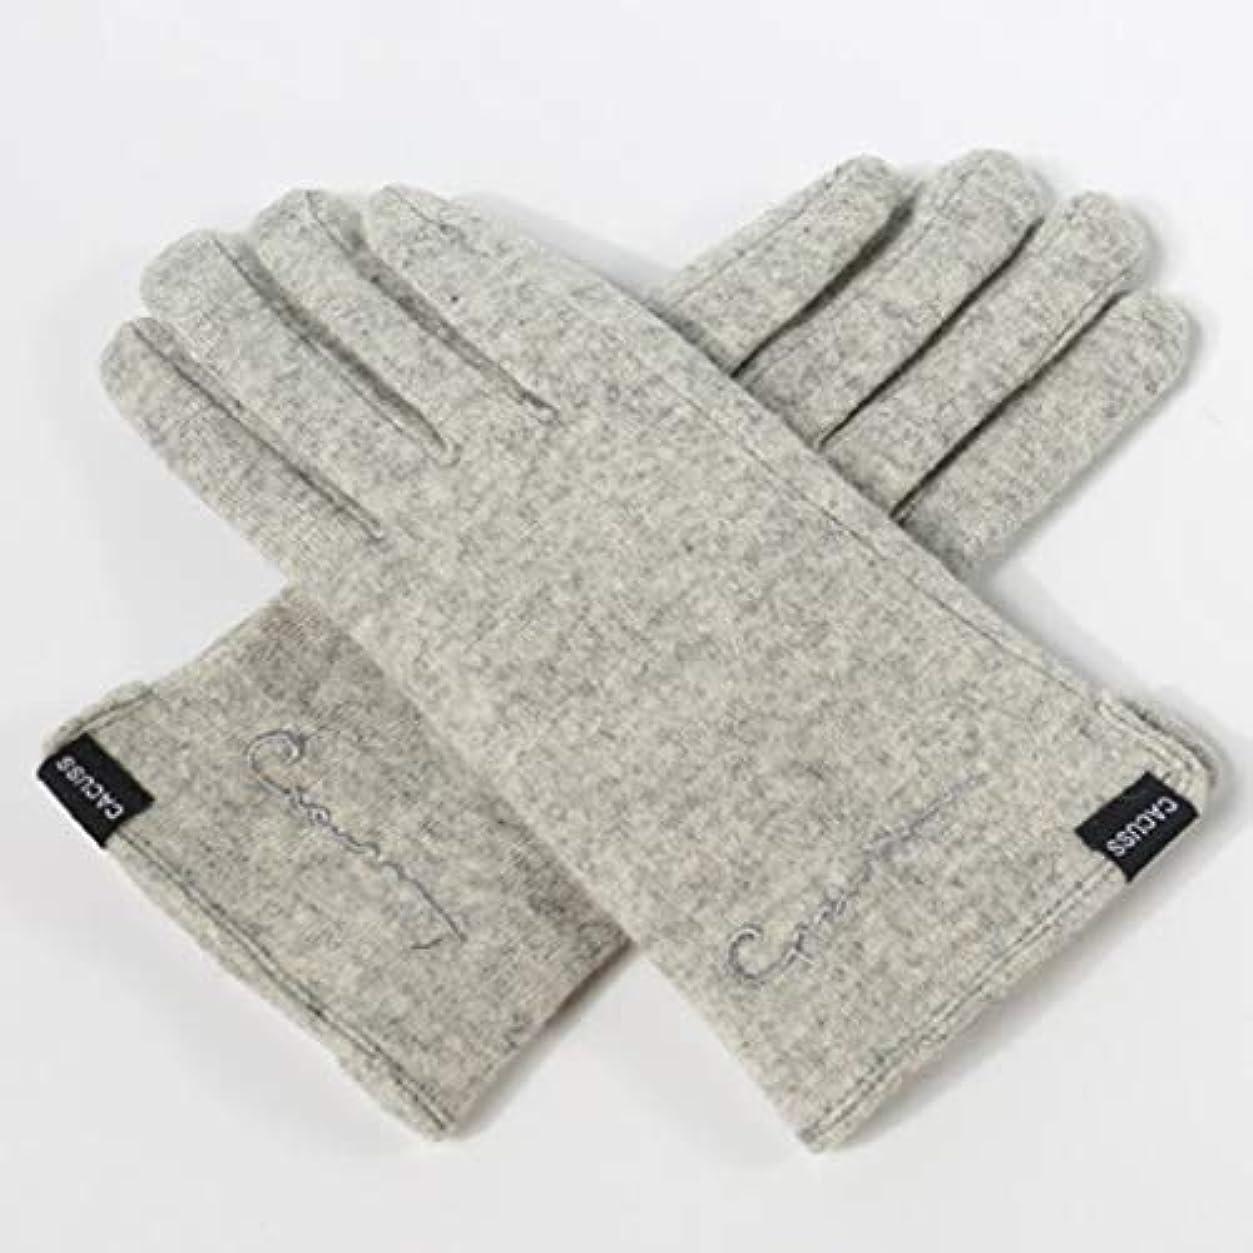 センチメンタル踏みつけグリーンバック手袋女性の冬のタッチスクリーンのファッション暖かく快適なポイントは、乗馬を厚くする (色 : Gray)